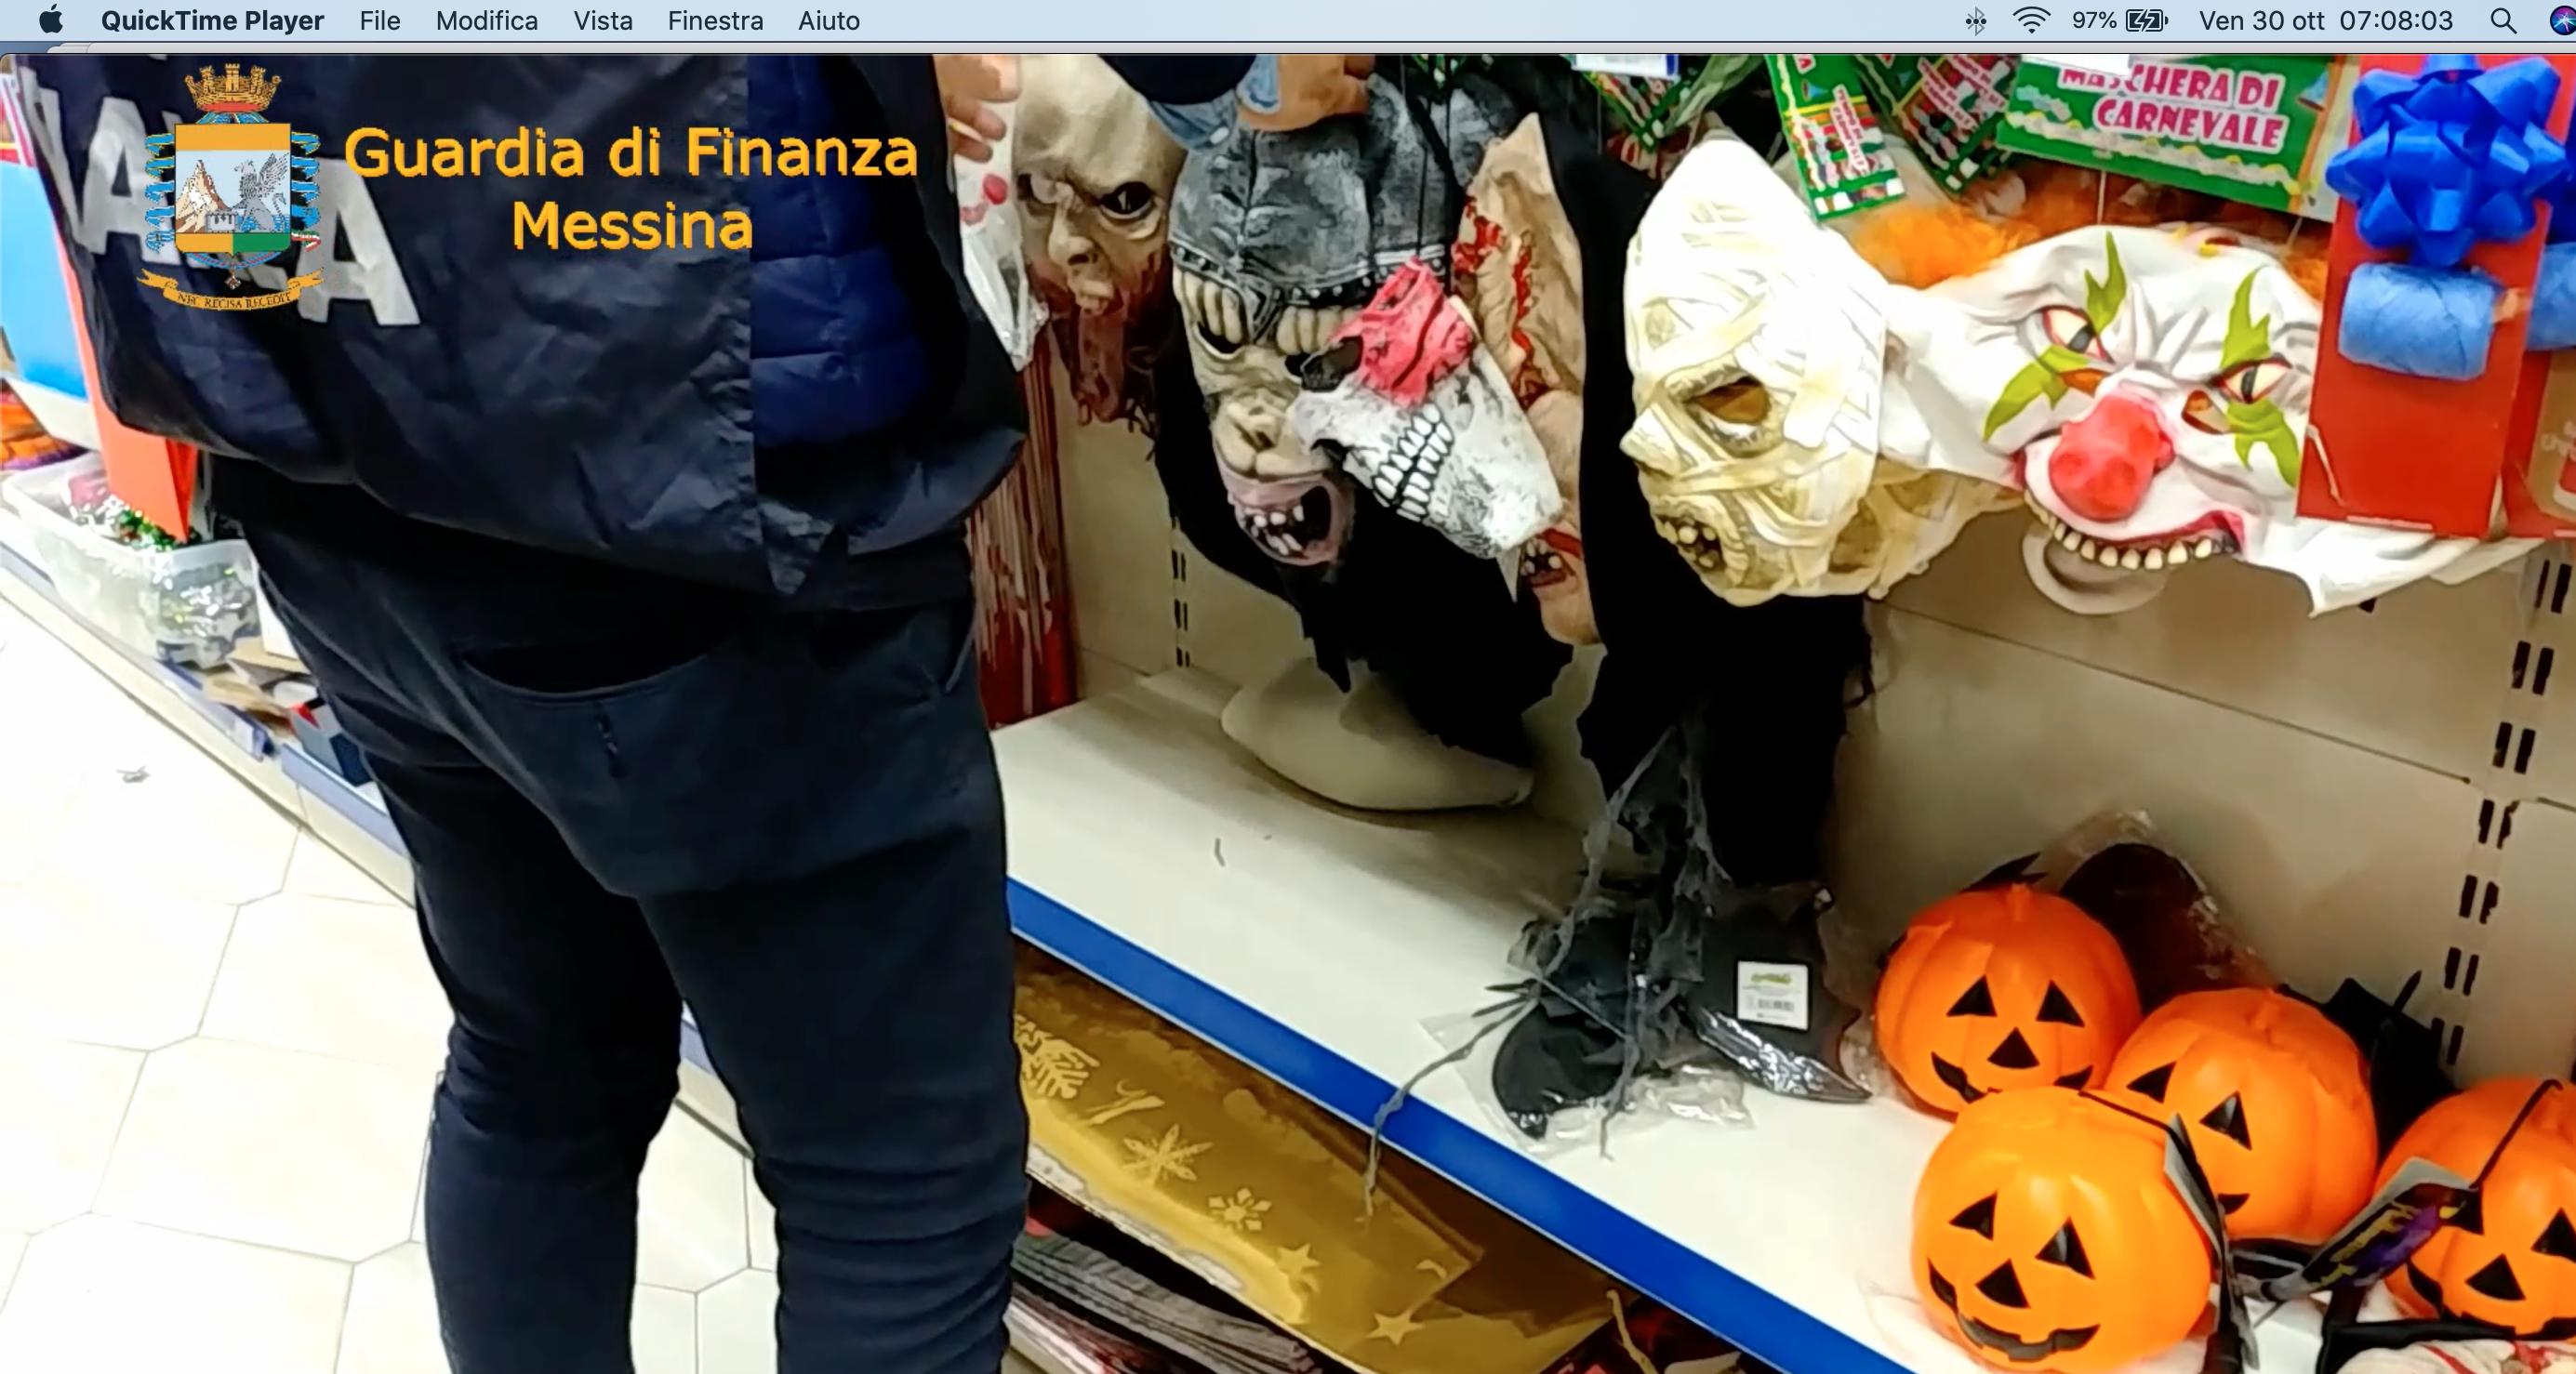 Sequestrati a Messina 145 mila prodotti non a norma: 6 lavoravano in 'nero'